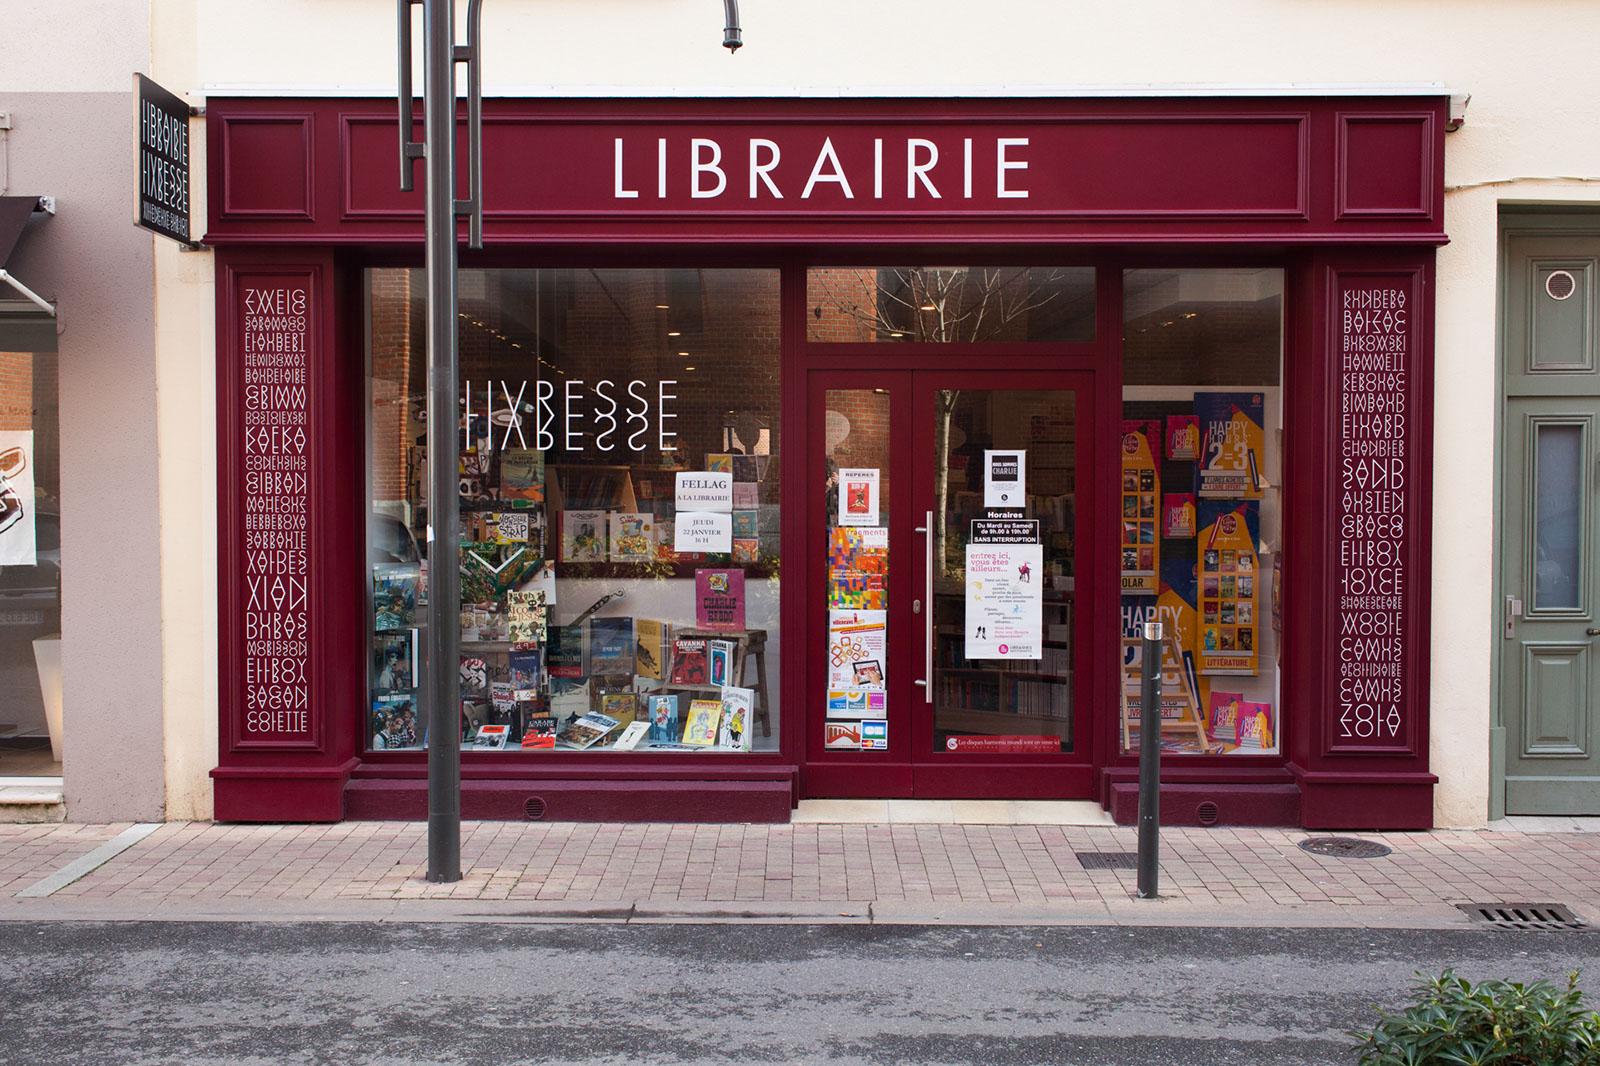 rencontre par mail gratuit Villeneuve-d'Ascq